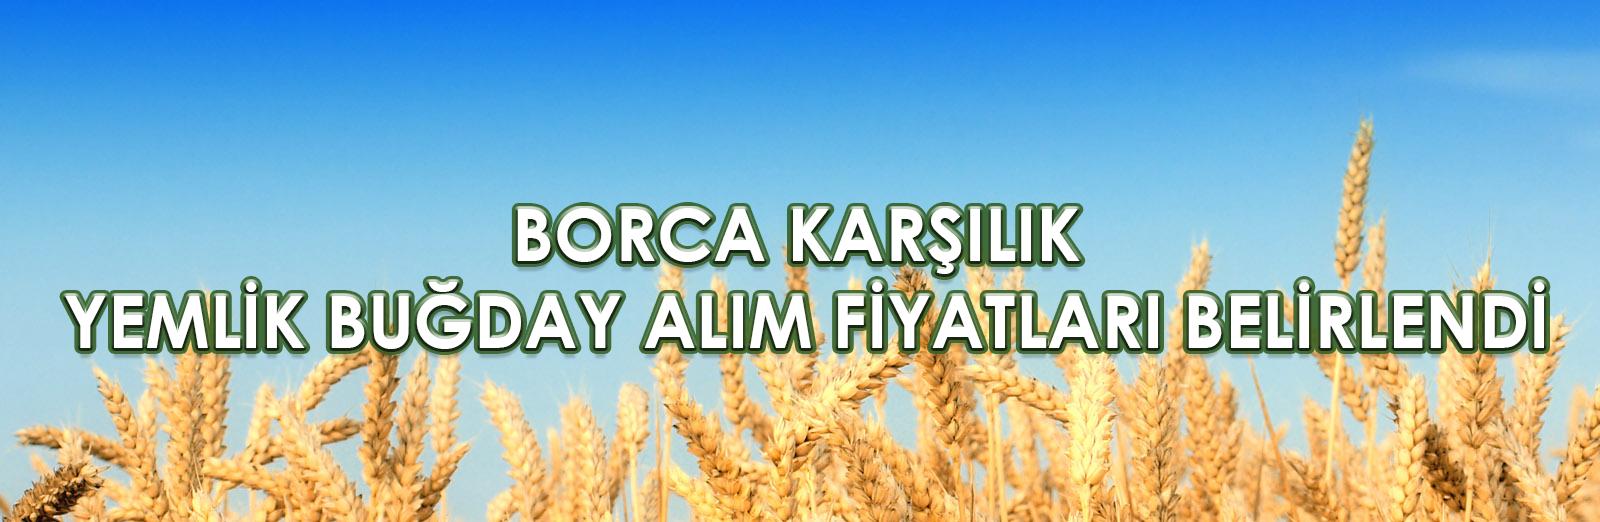 Borca Karşılık Yemlik Buğday Alım Fiyatları Belirlendi